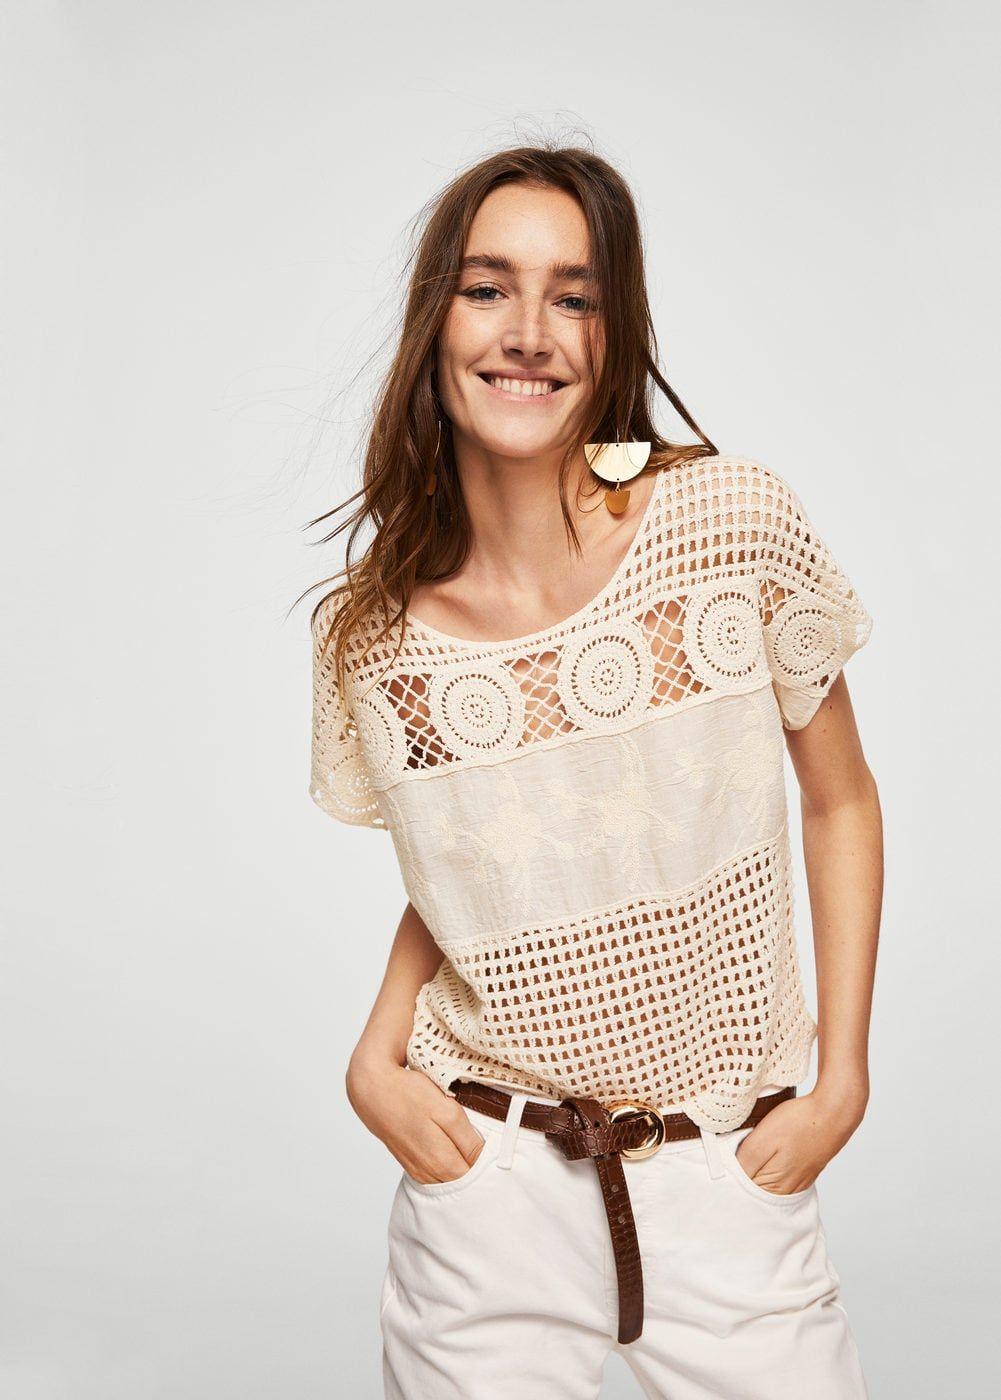 nuevo concepto venta caliente barato a un precio razonable Camiseta detalle crochet - Mujer   nadia in 2019   Tops ...